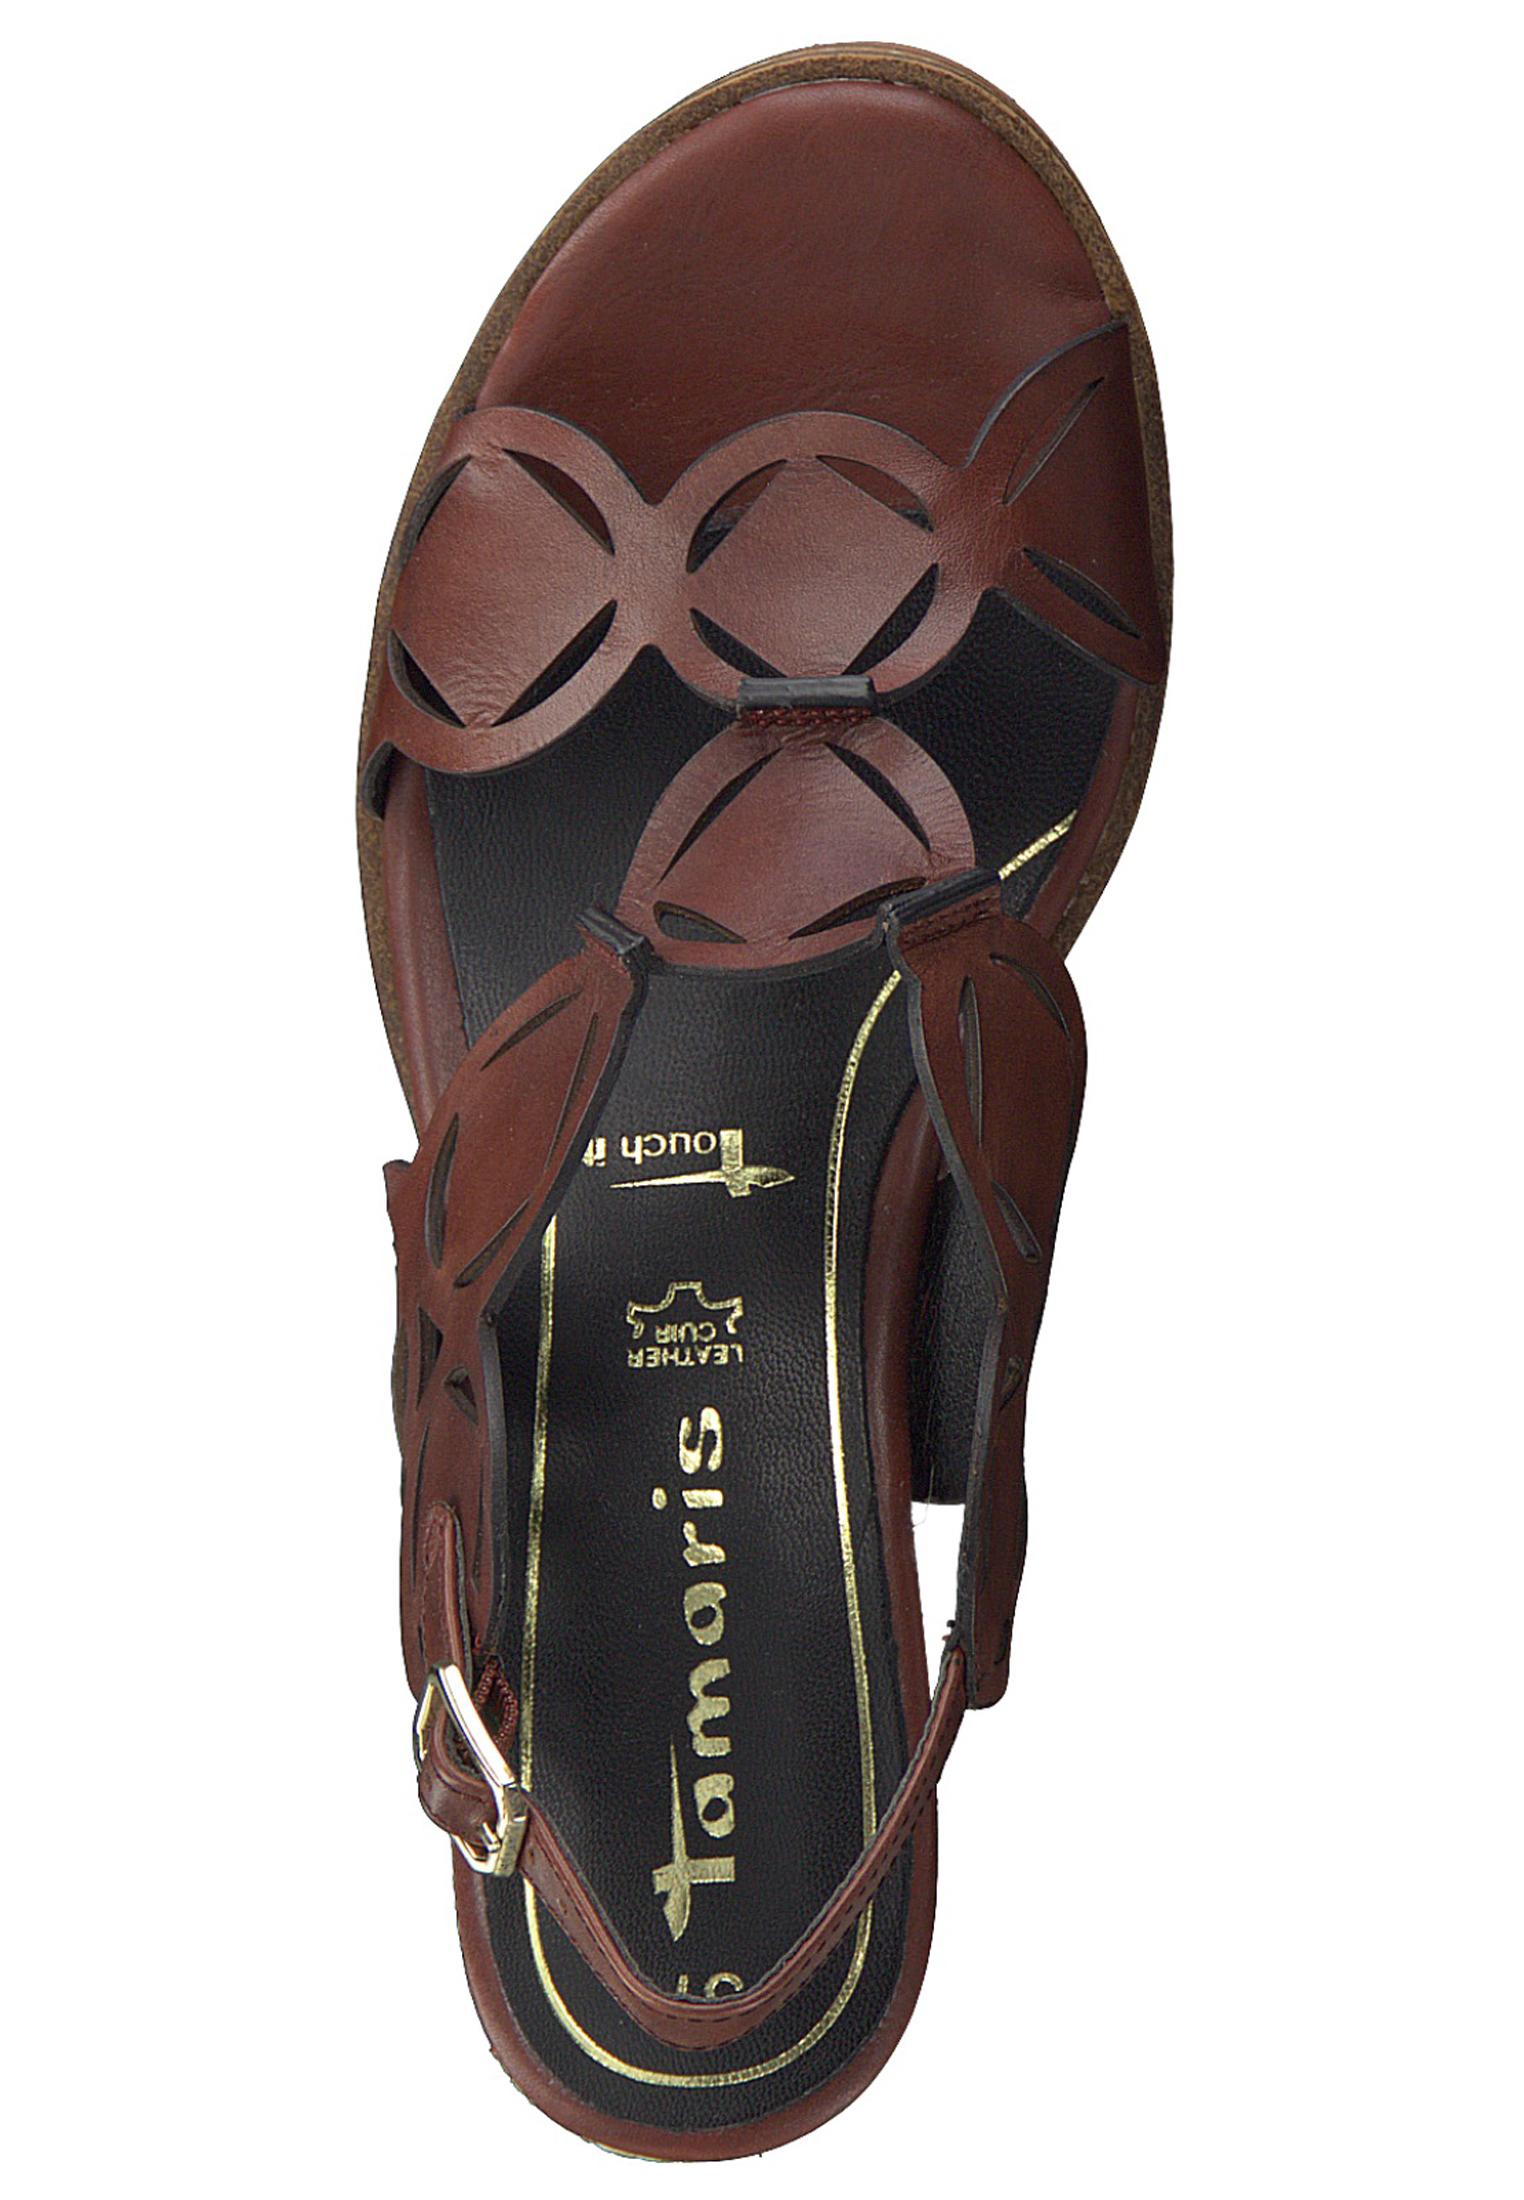 Tamaris 1 28312 24 557 Damen Granata Braun Wedge Platform Sandals Sandaletten mit TOUCH IT Sohle